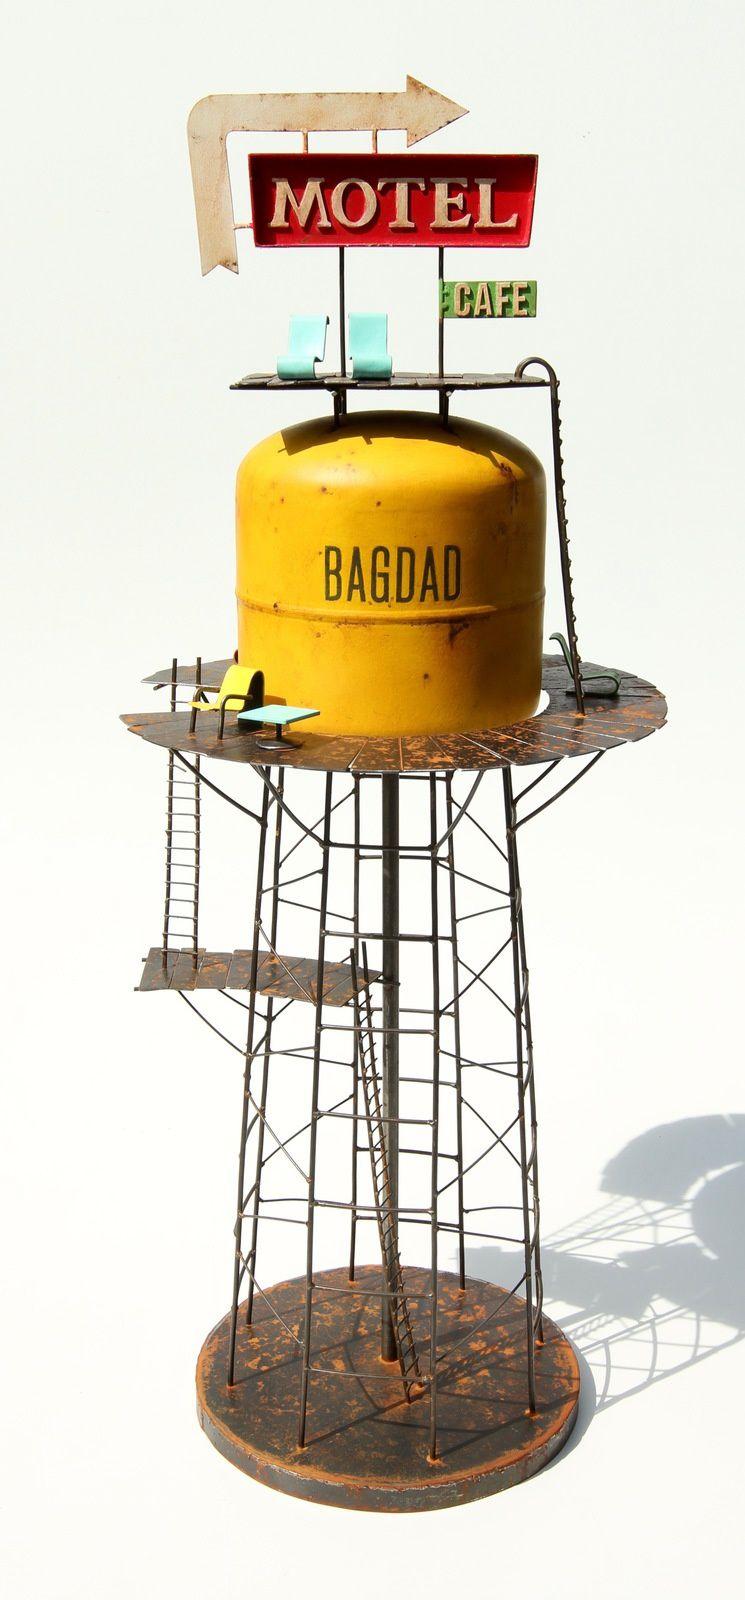 Sculptures acier. De 30 cm de haut pour les quais comme Honolulu à 160 cm pour les plus hautes présentée ici.